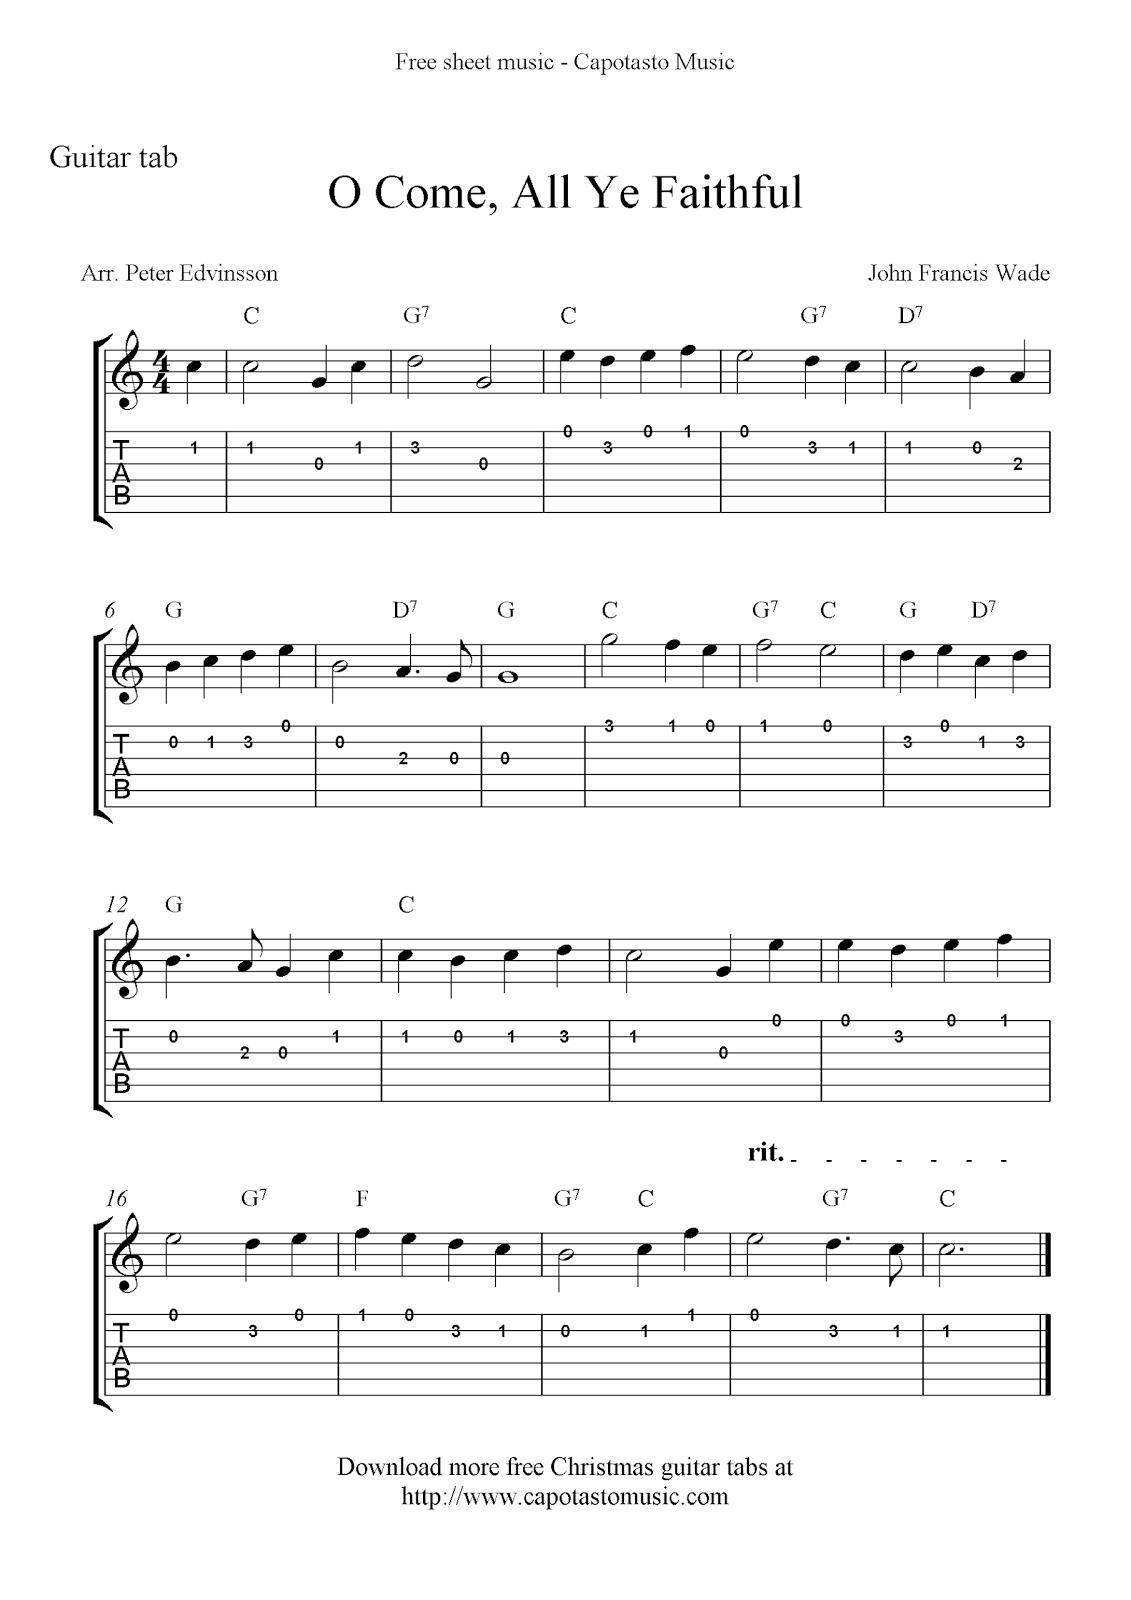 Free Printable Sheet Music: O Come, All Ye Faithful, Easy Free - Free Printable Guitar Music